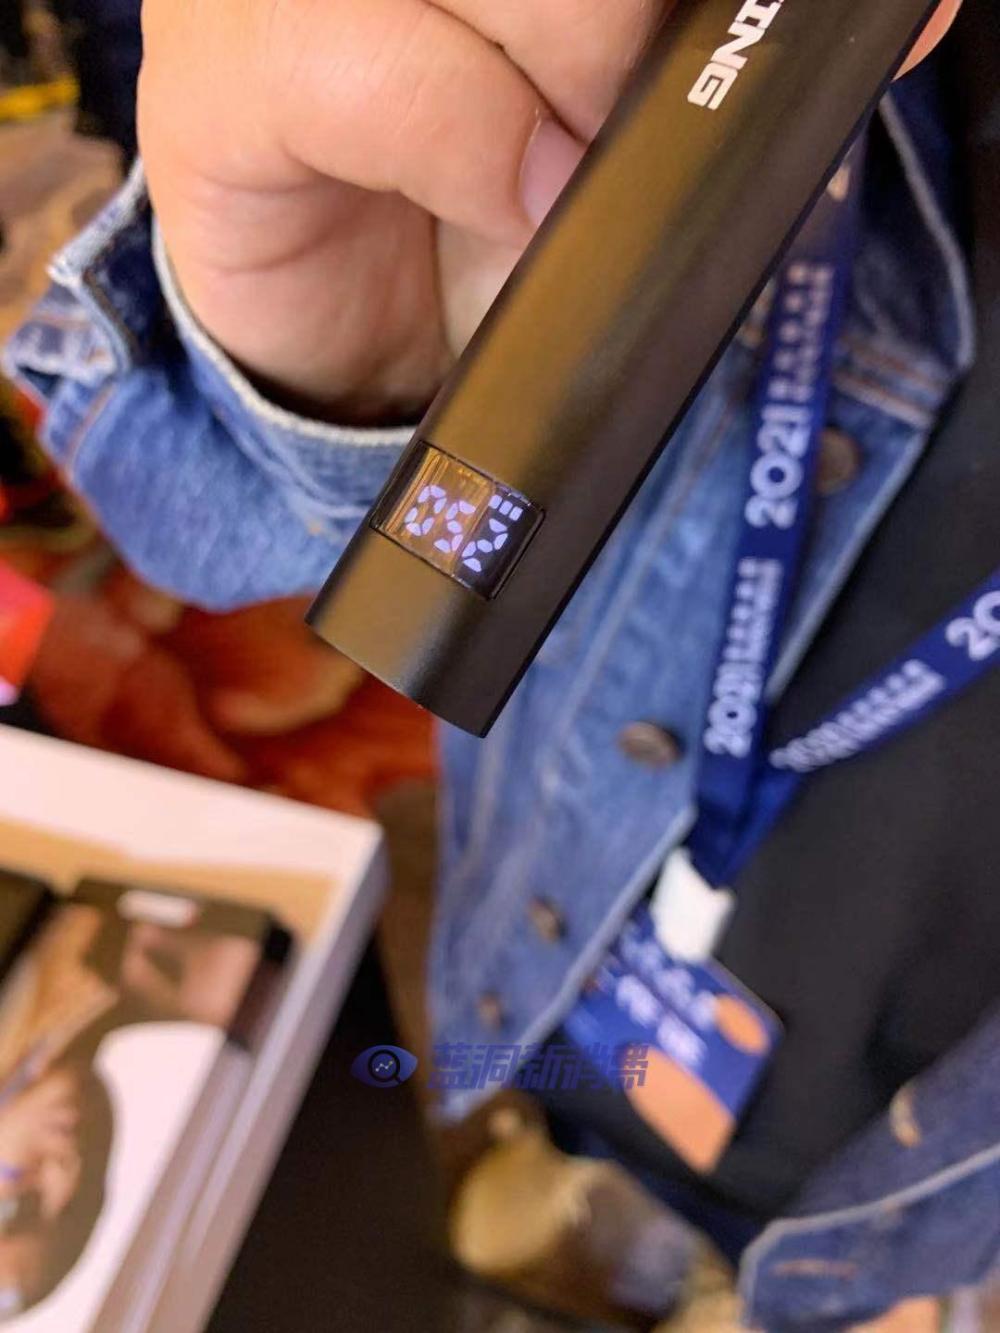 沈阳站探展MASKKING电子烟:智能屏显换弹小烟夜莺、发光大容量一次性PRO MAX亮相